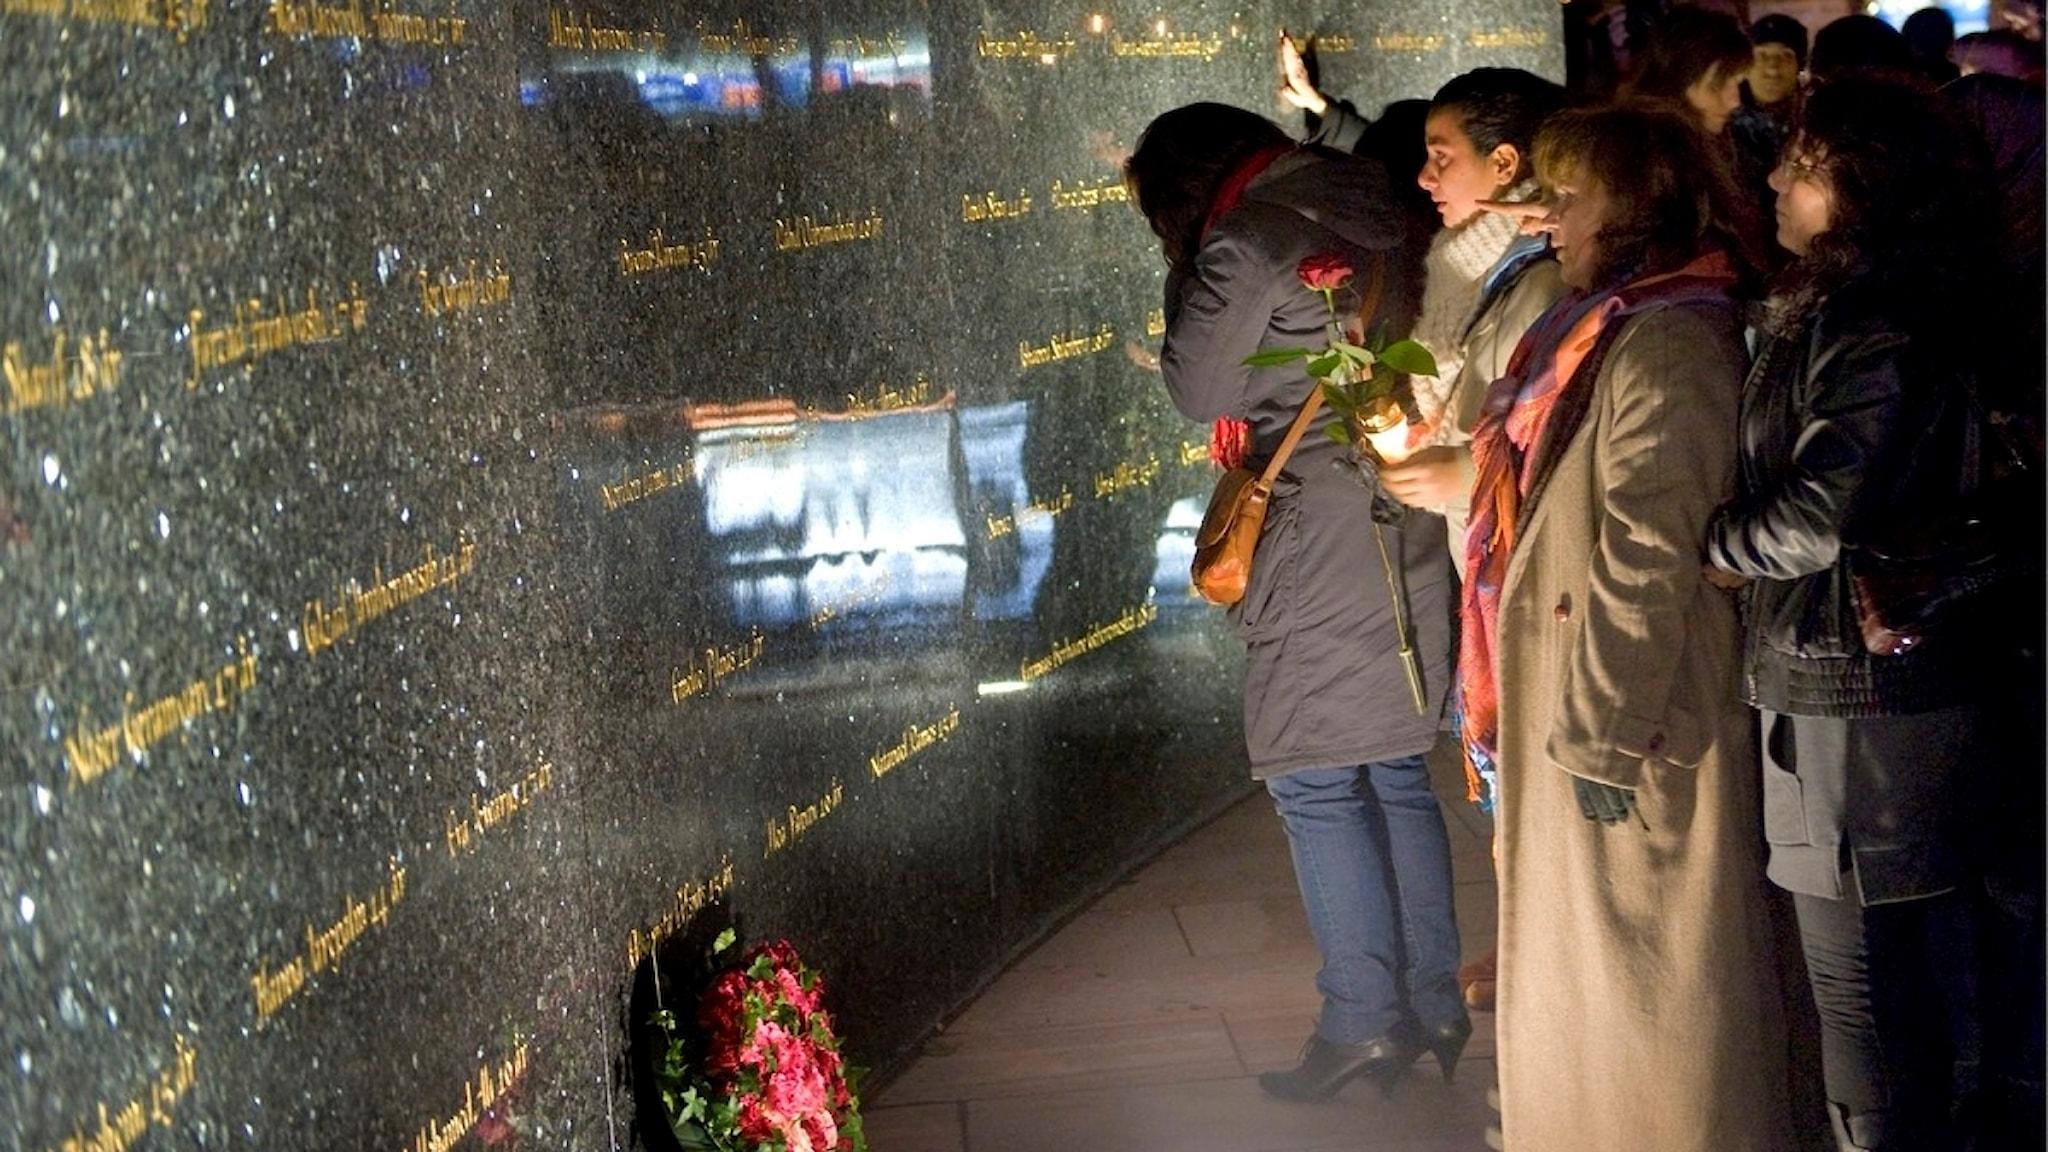 Brandkatastrofen på Backaplan i Göteborg där 63 unga dog. På brandplatsen avtäcktes ett nytt minnesmärke och en minnesceremoni hölls. FOTO Björn Larsson Rosvall / SCANPIX